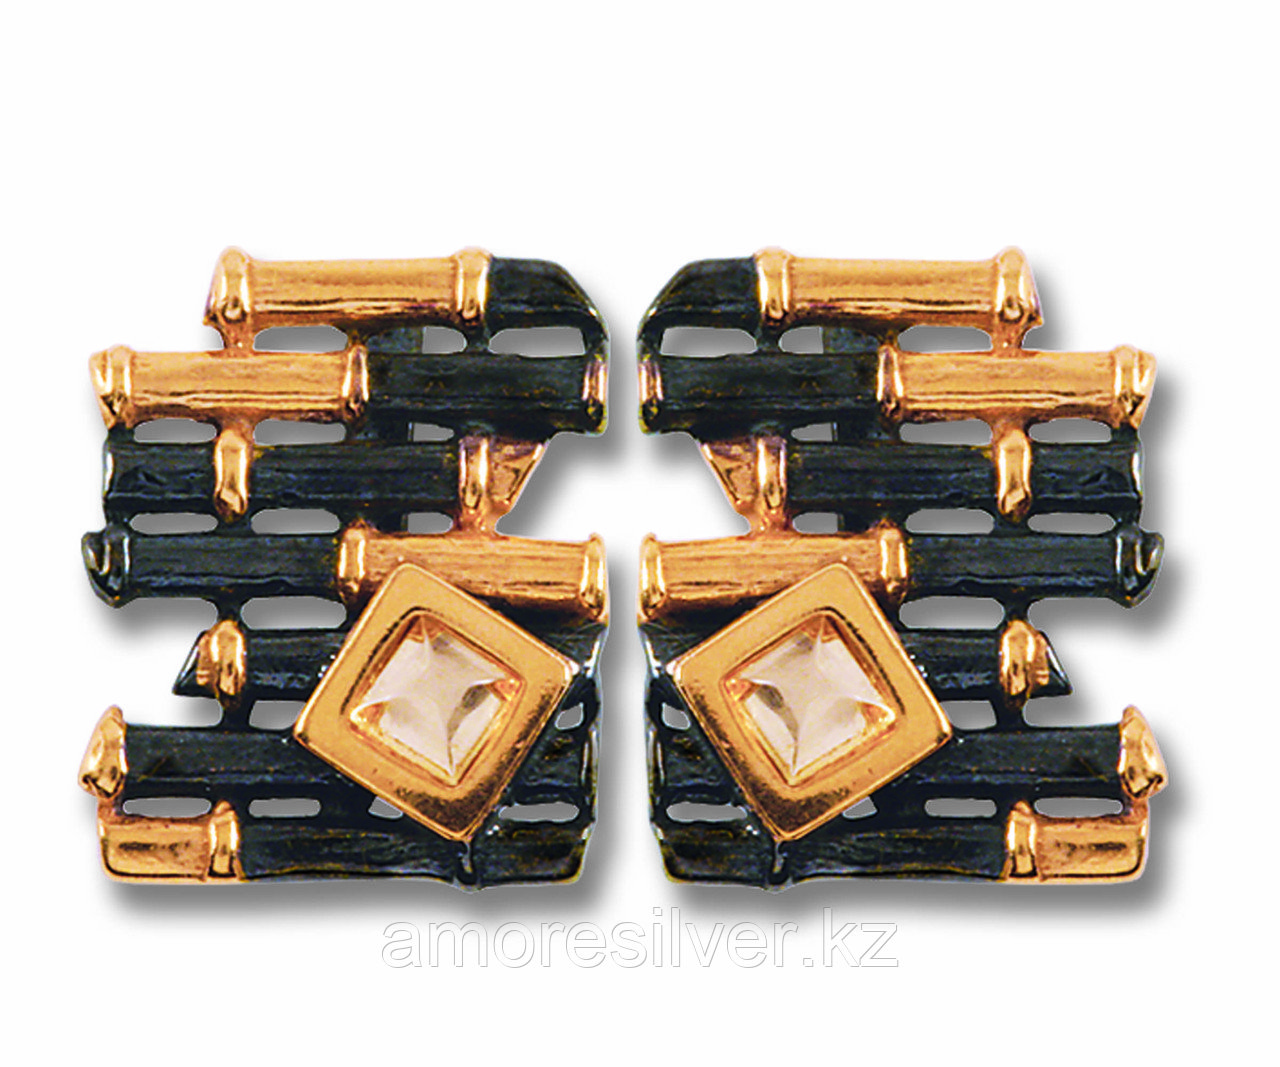 Серебряные серьги с янтарем бренд БАЛТИЙСКОЕ ЗОЛОТО необычная фактура черный родий , натуральный камень, есть комплект  72131050